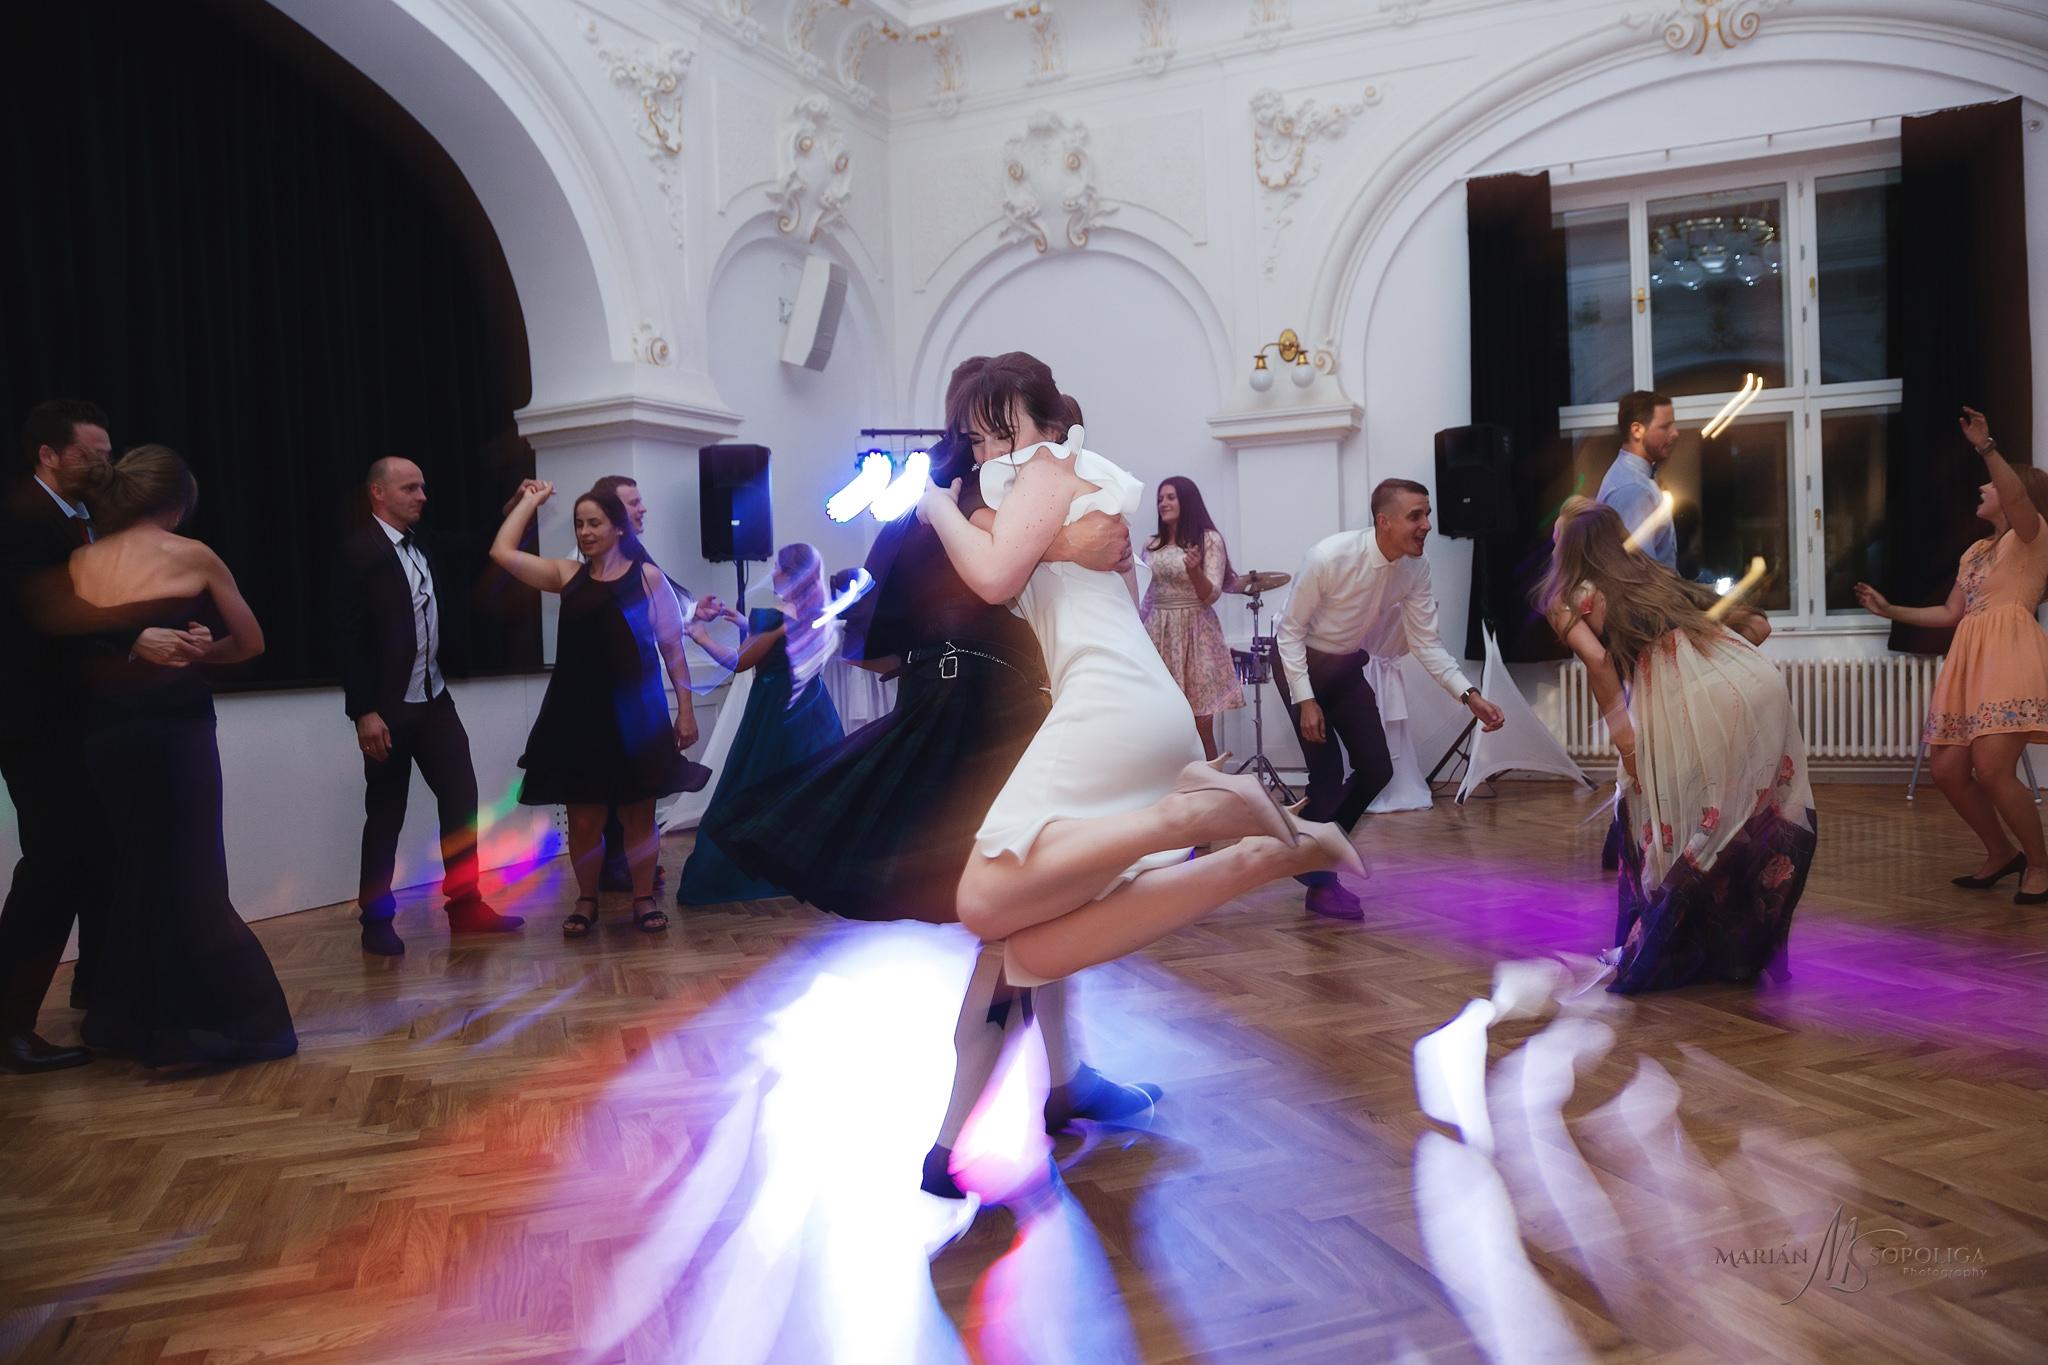 reportazni-svatebni-fotografie-z-vecerni-zabavy-v-dome-u-parku-v